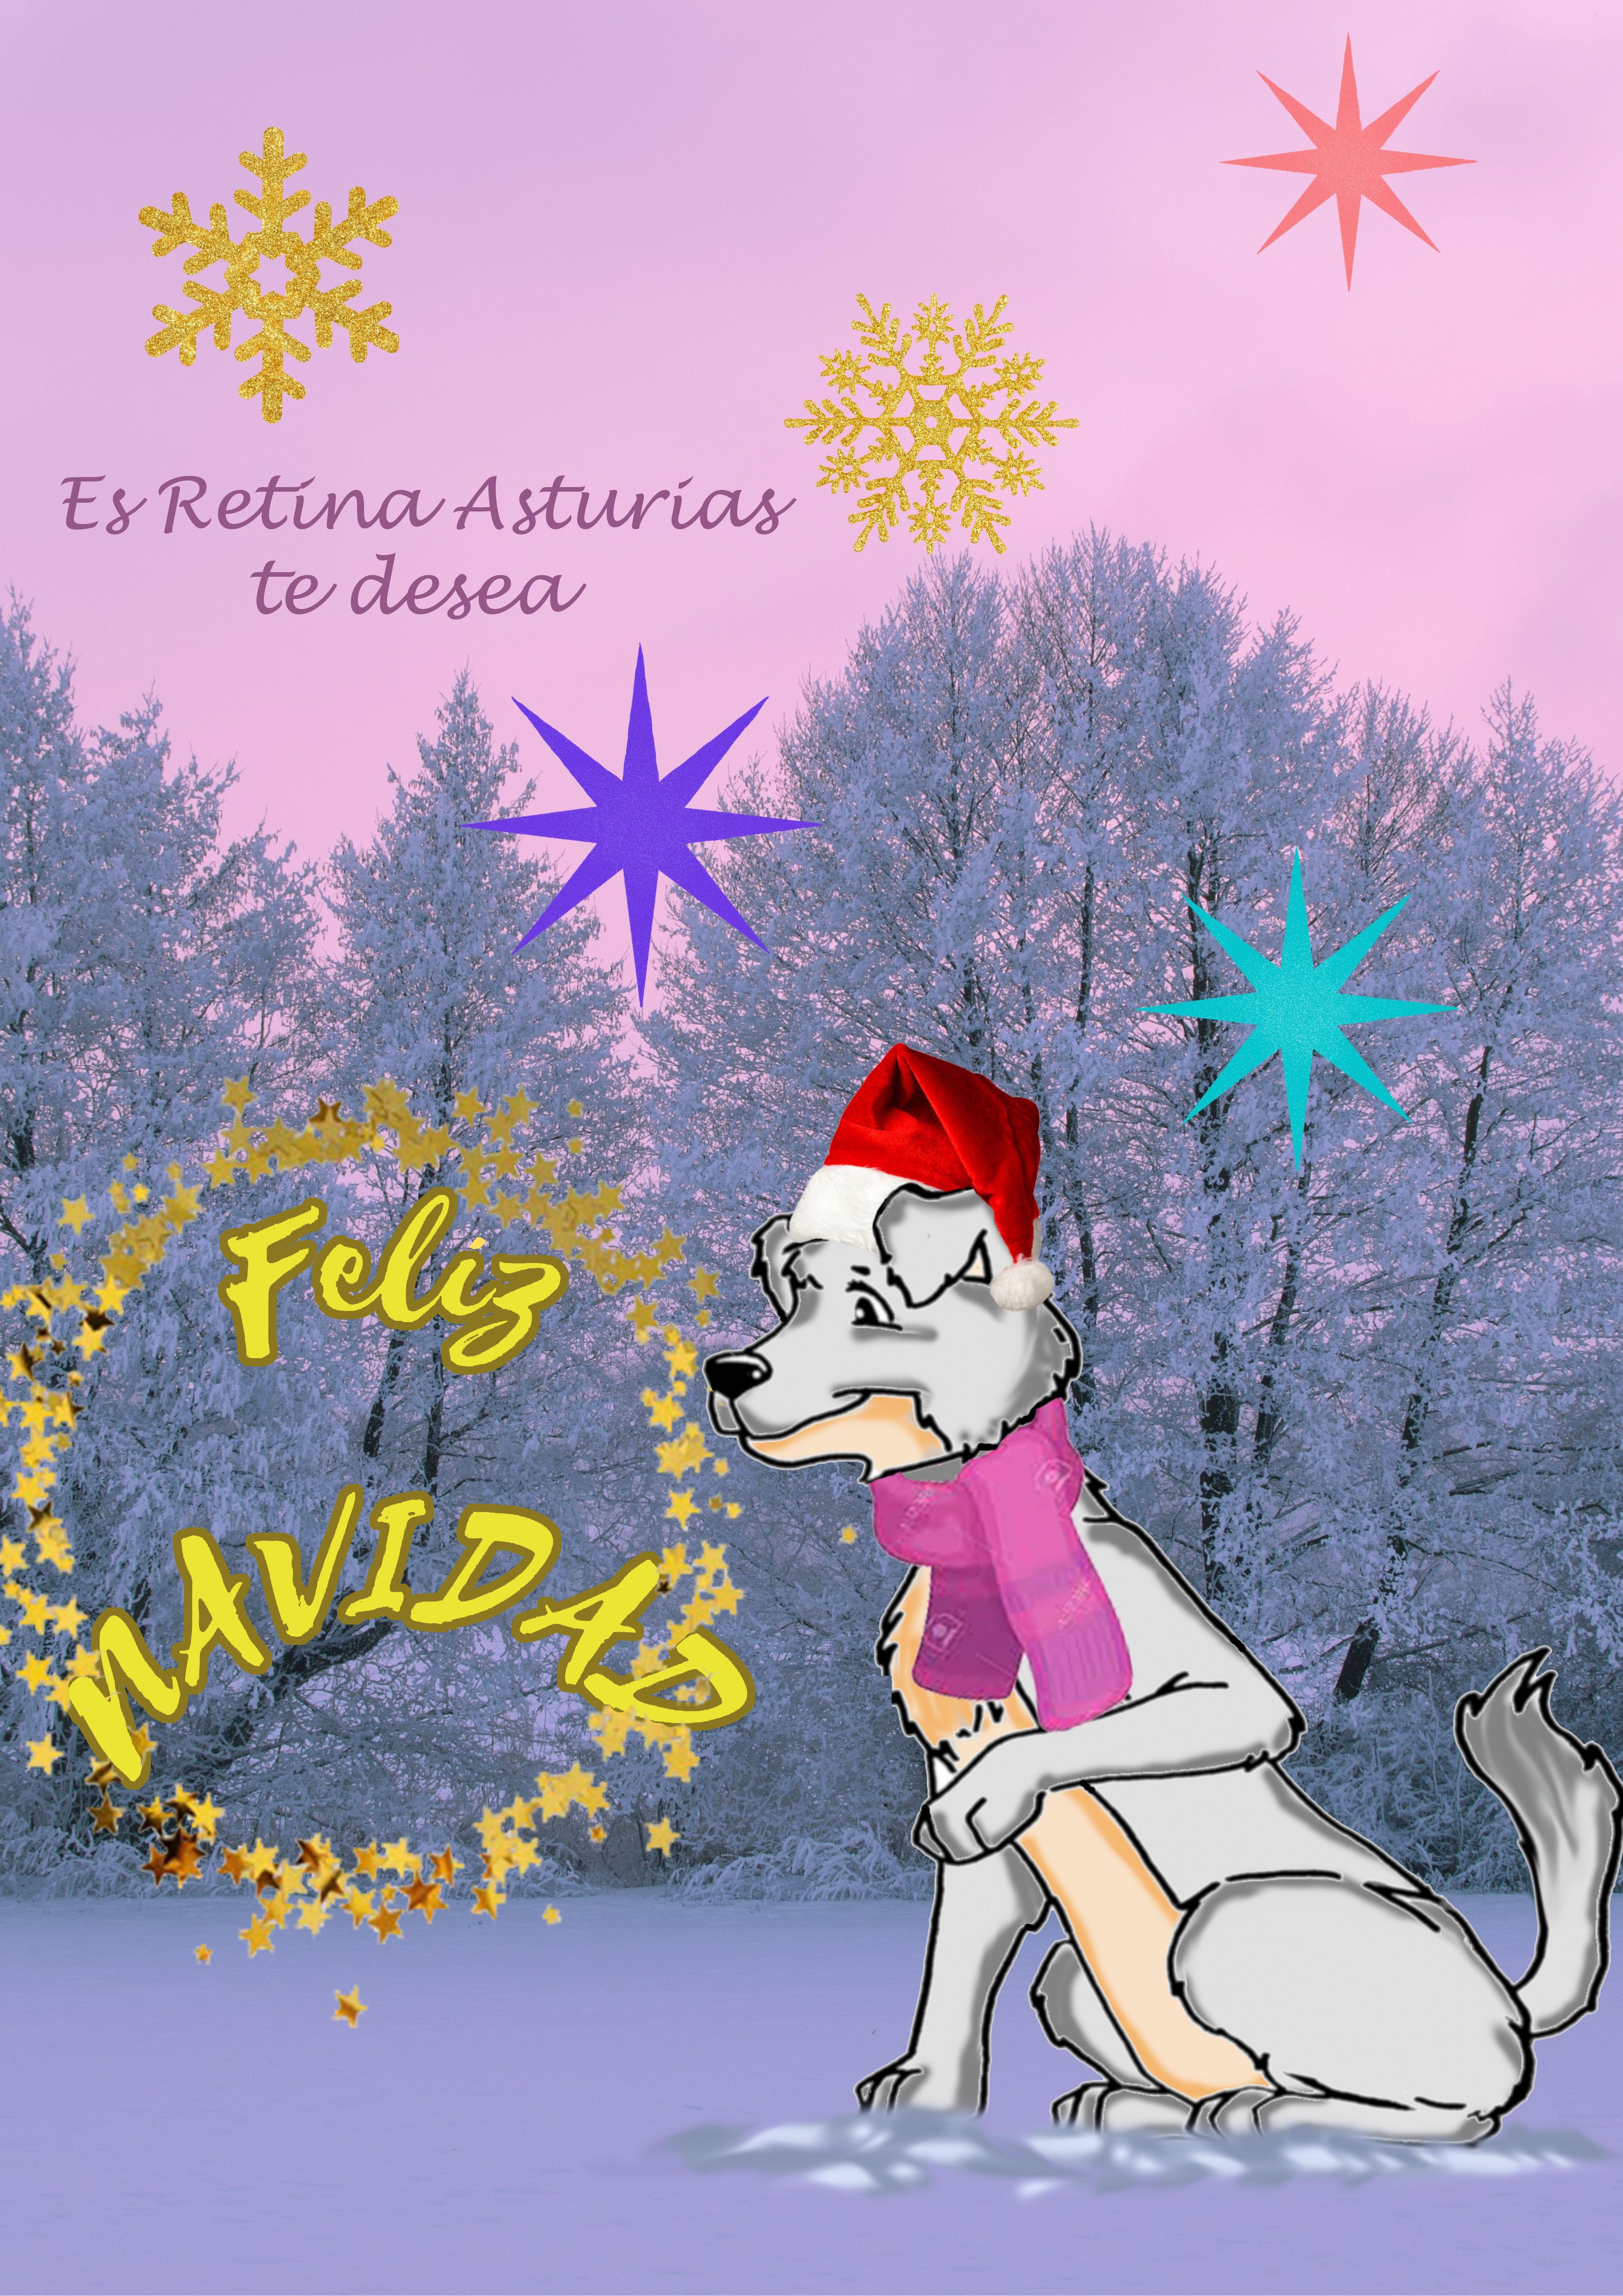 En la imagen, sobre un fondo de abetos nevados, se ve a la derecha el perro Muriel con gorro de navidad rojo y bufanda rosa, está junto a una corona de estrellas doradas en cuyo interior está escrito: Feliz Navidad, en tonos cálidos. En el cielo, con estrellas de colores y copos de nieve, hay un texto en el que se lee: Es Retina Asturias te desea...